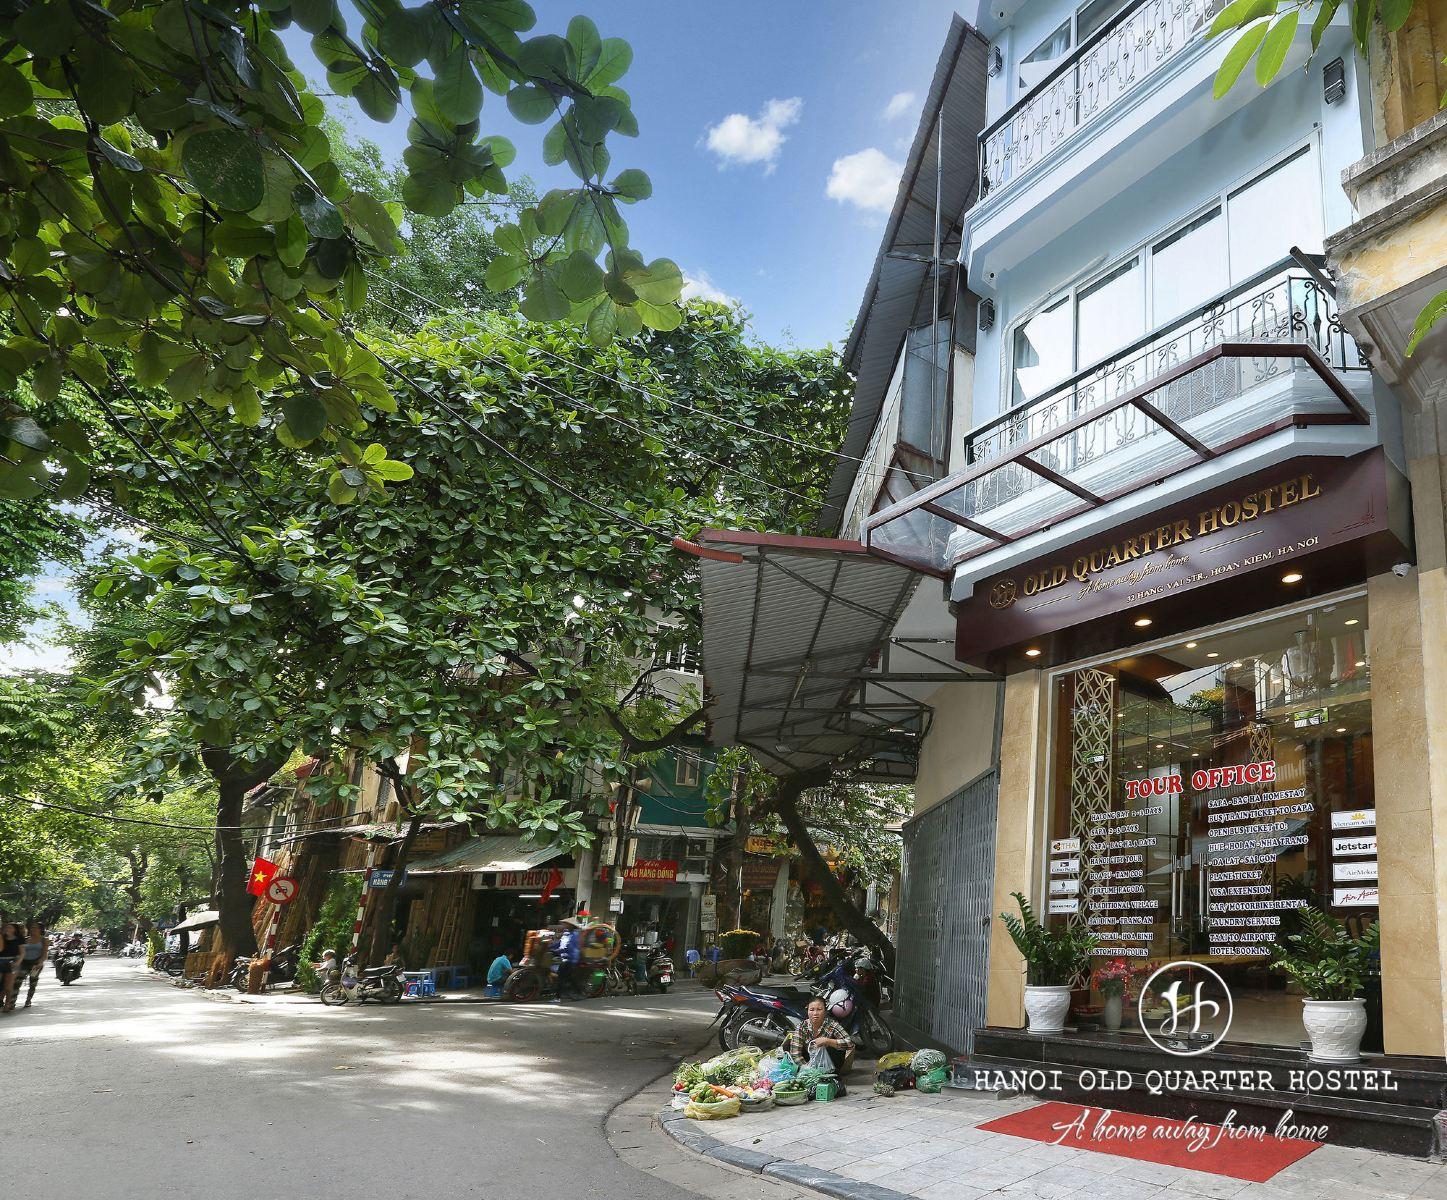 Nhà Nghỉ Hanoi Old Quarter